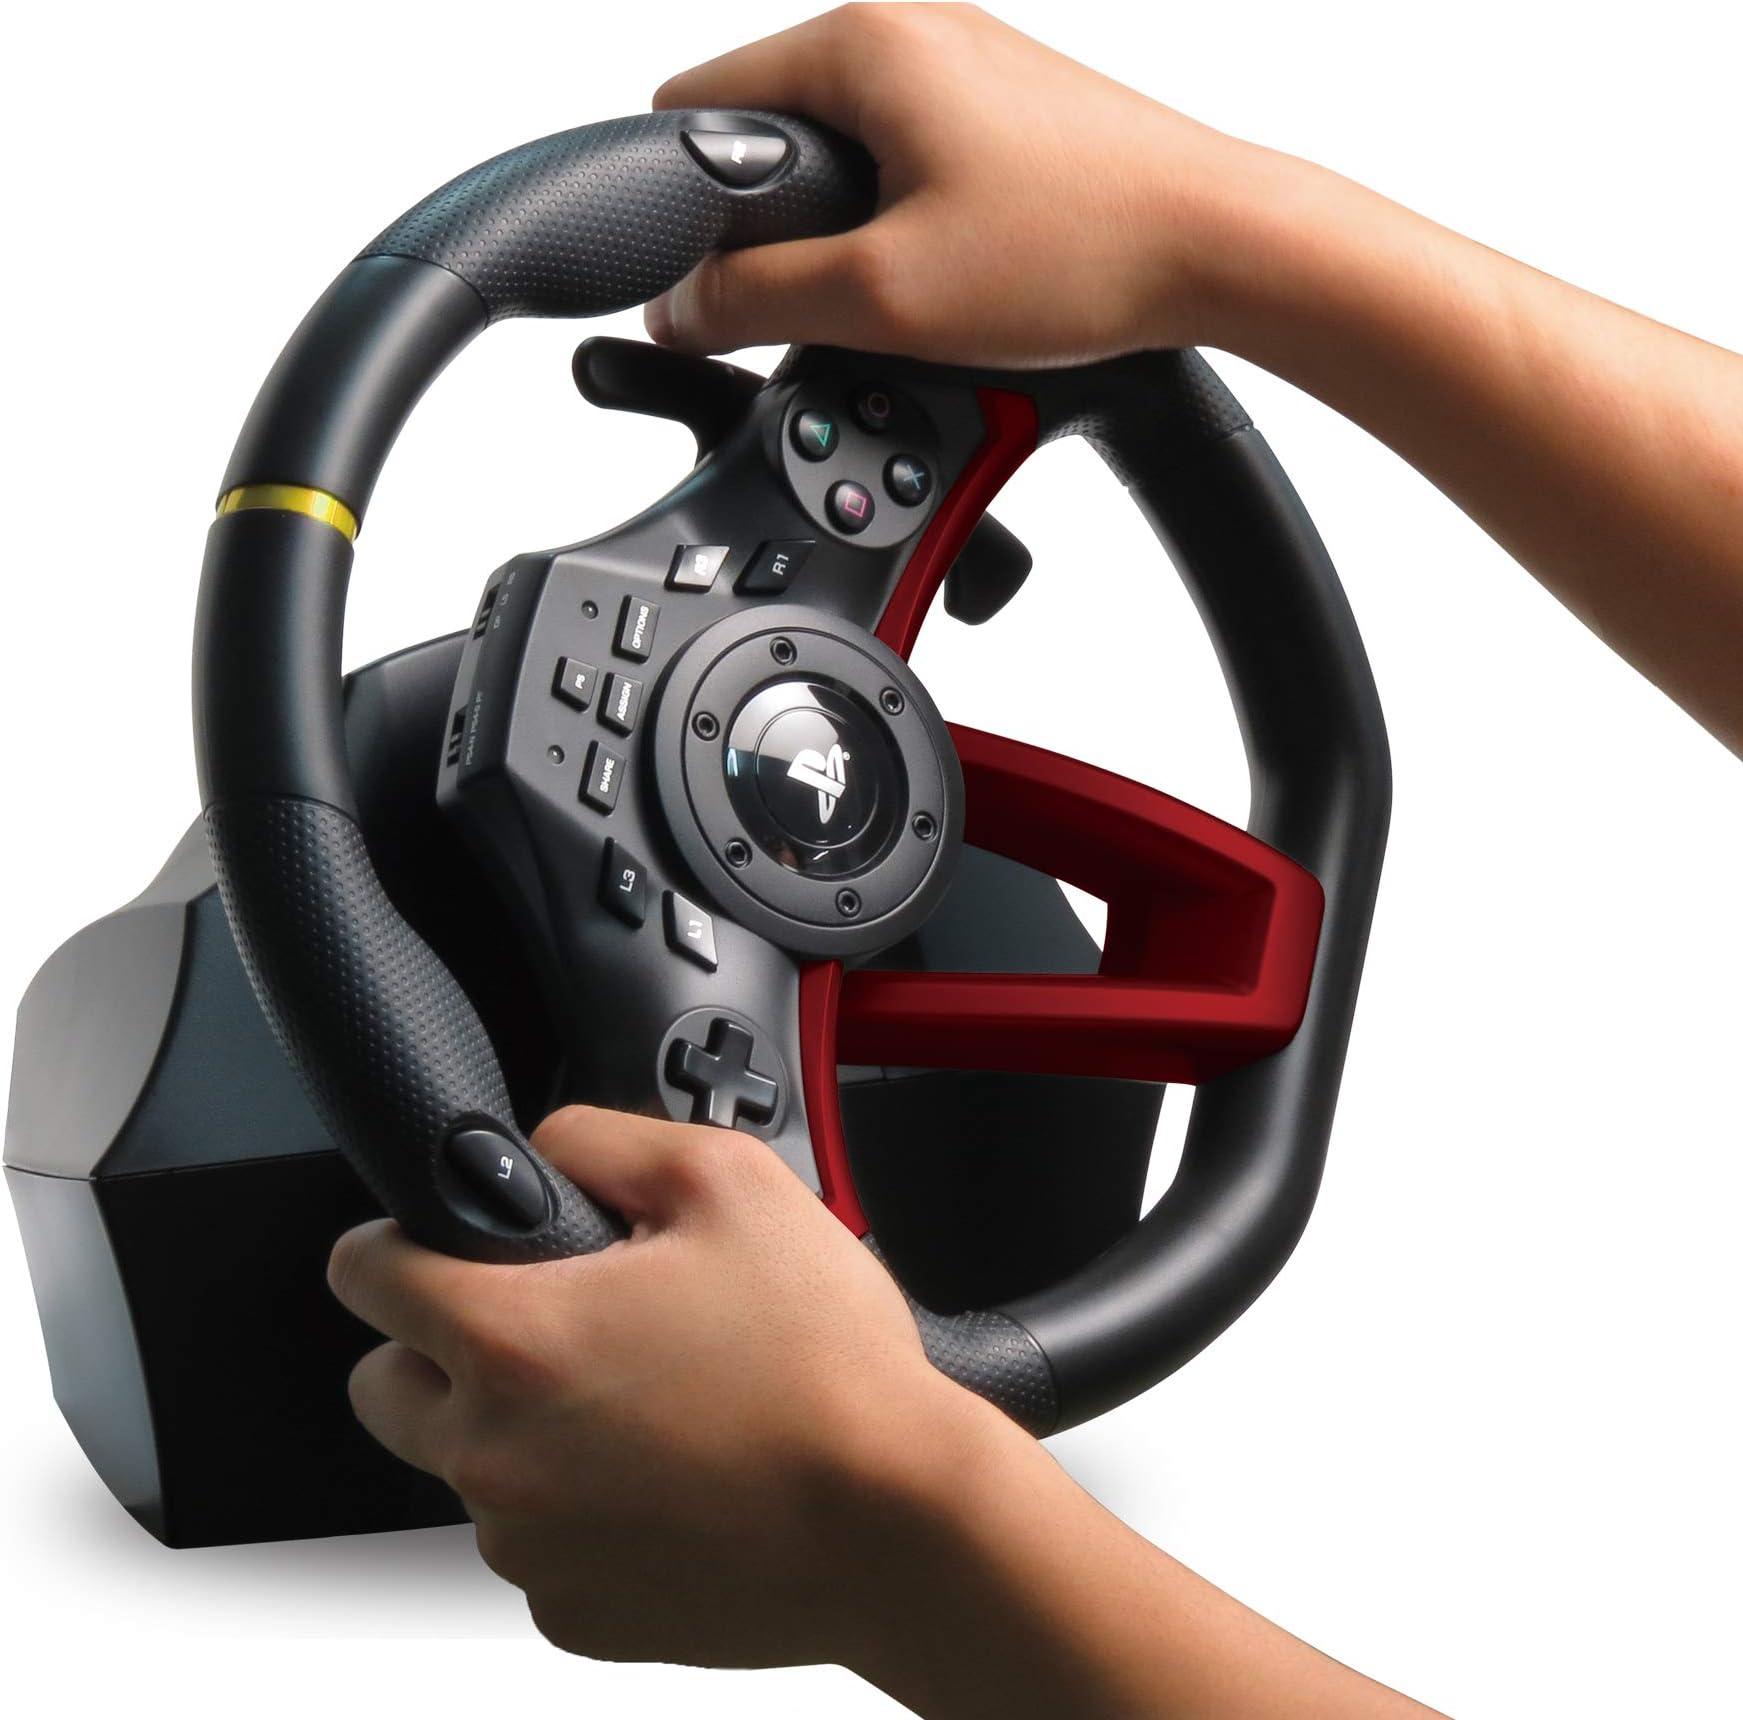 ORI Wireless Racing Wheel Apex for PS4